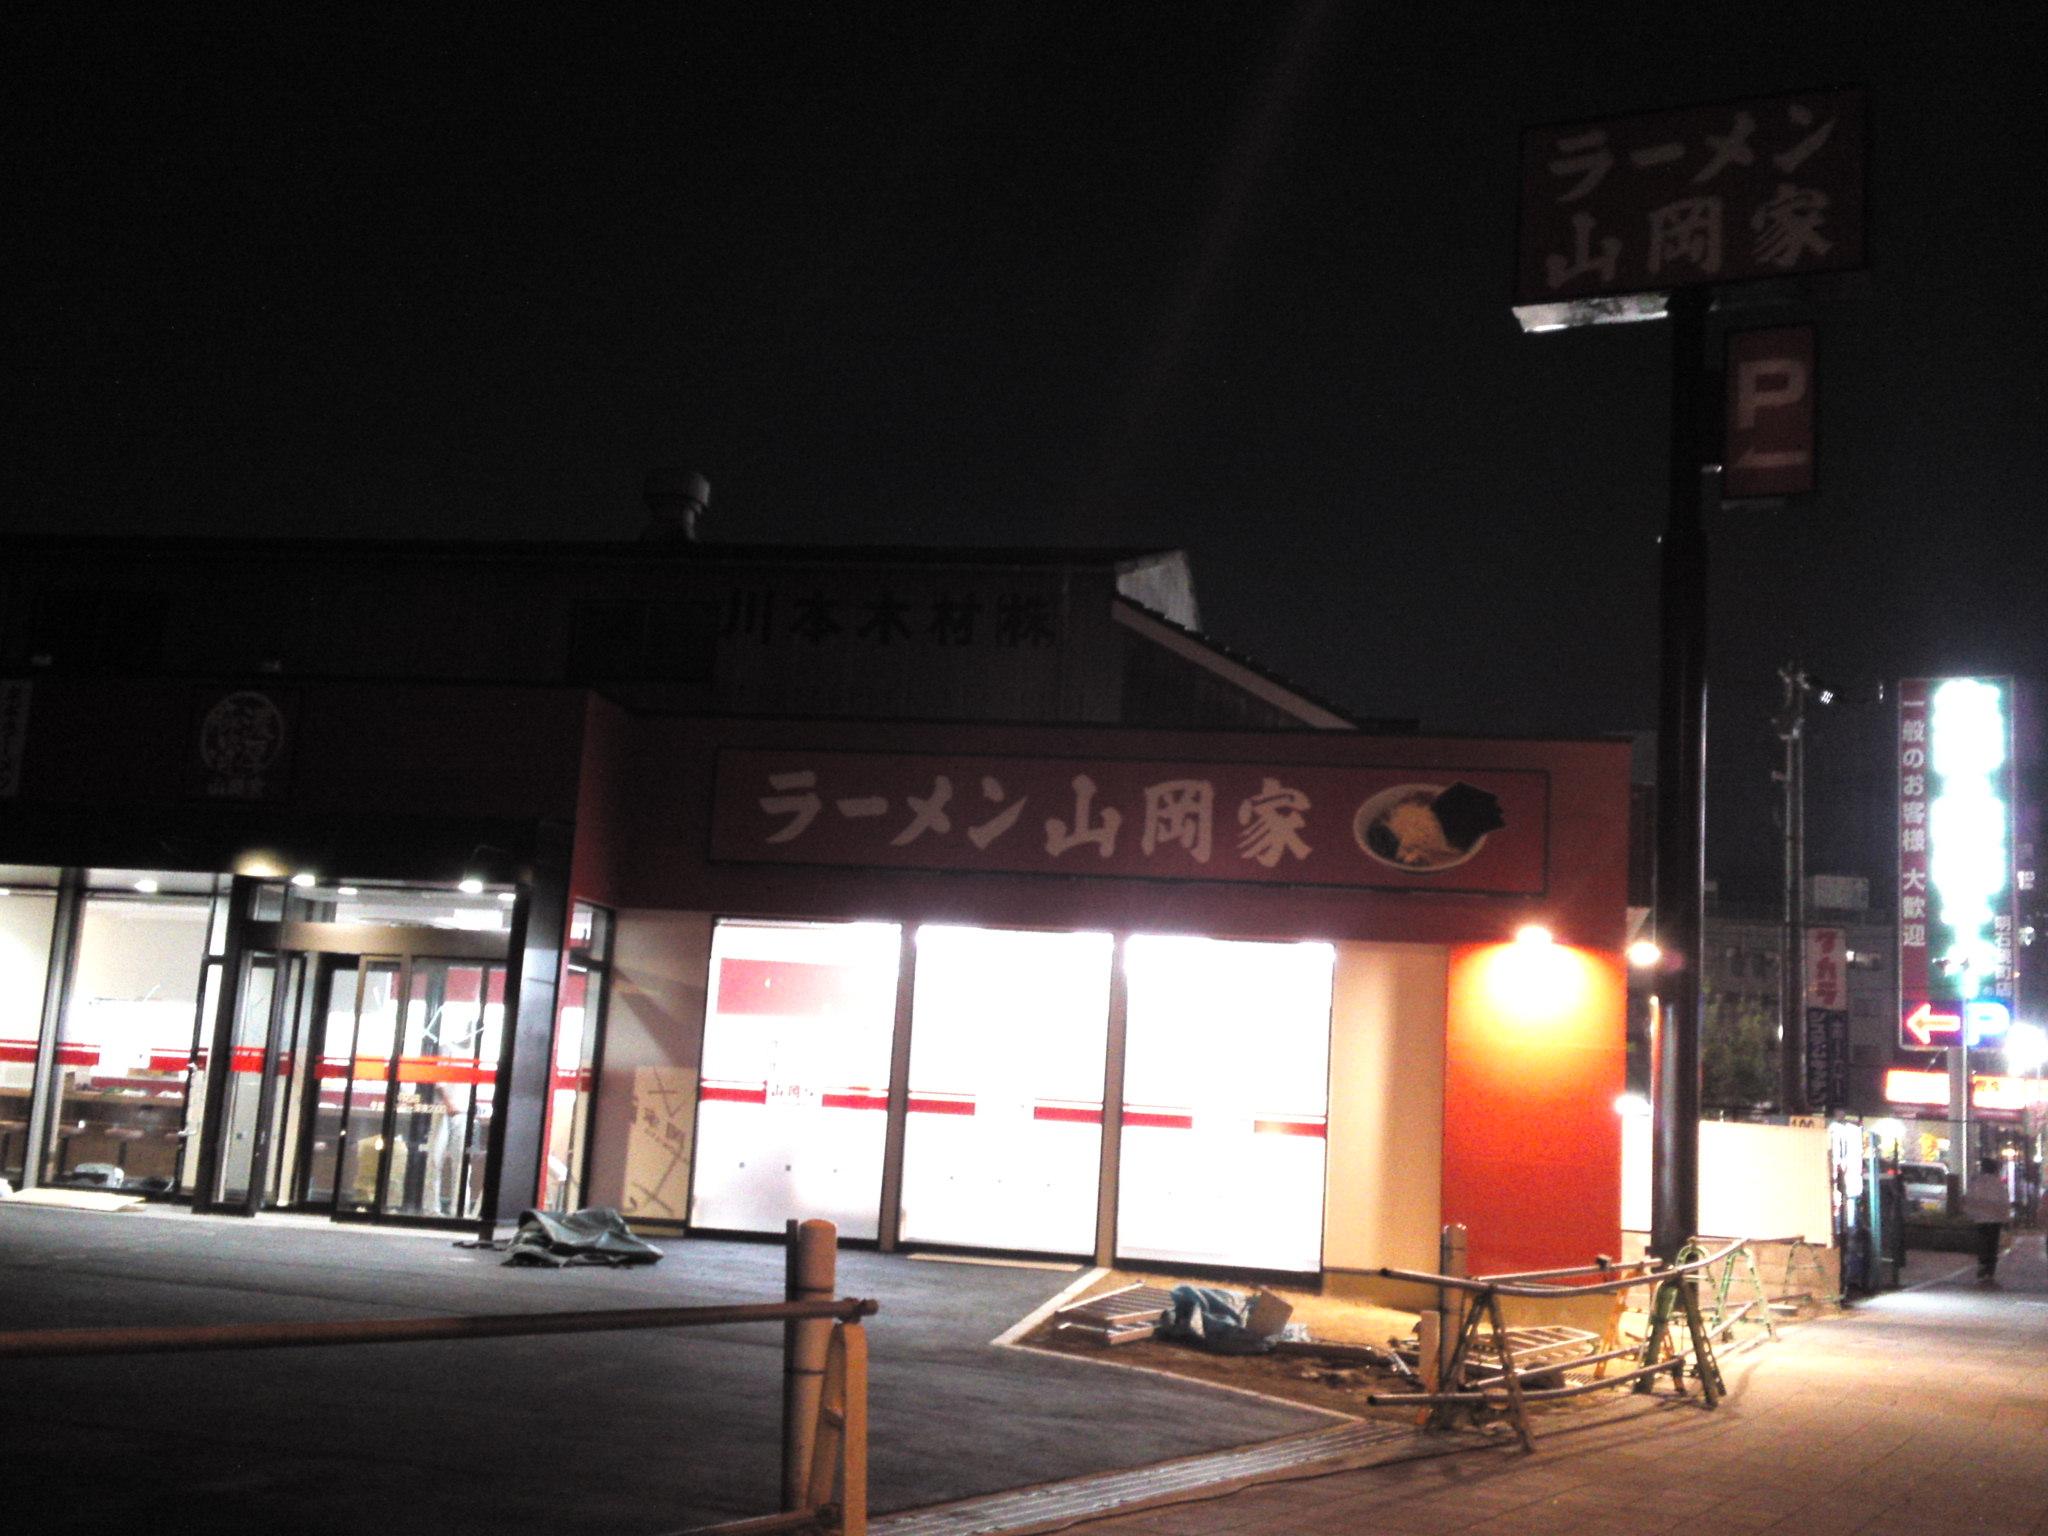 グルメ@ラーメニング情報 ついに山岡屋が関西圏に!